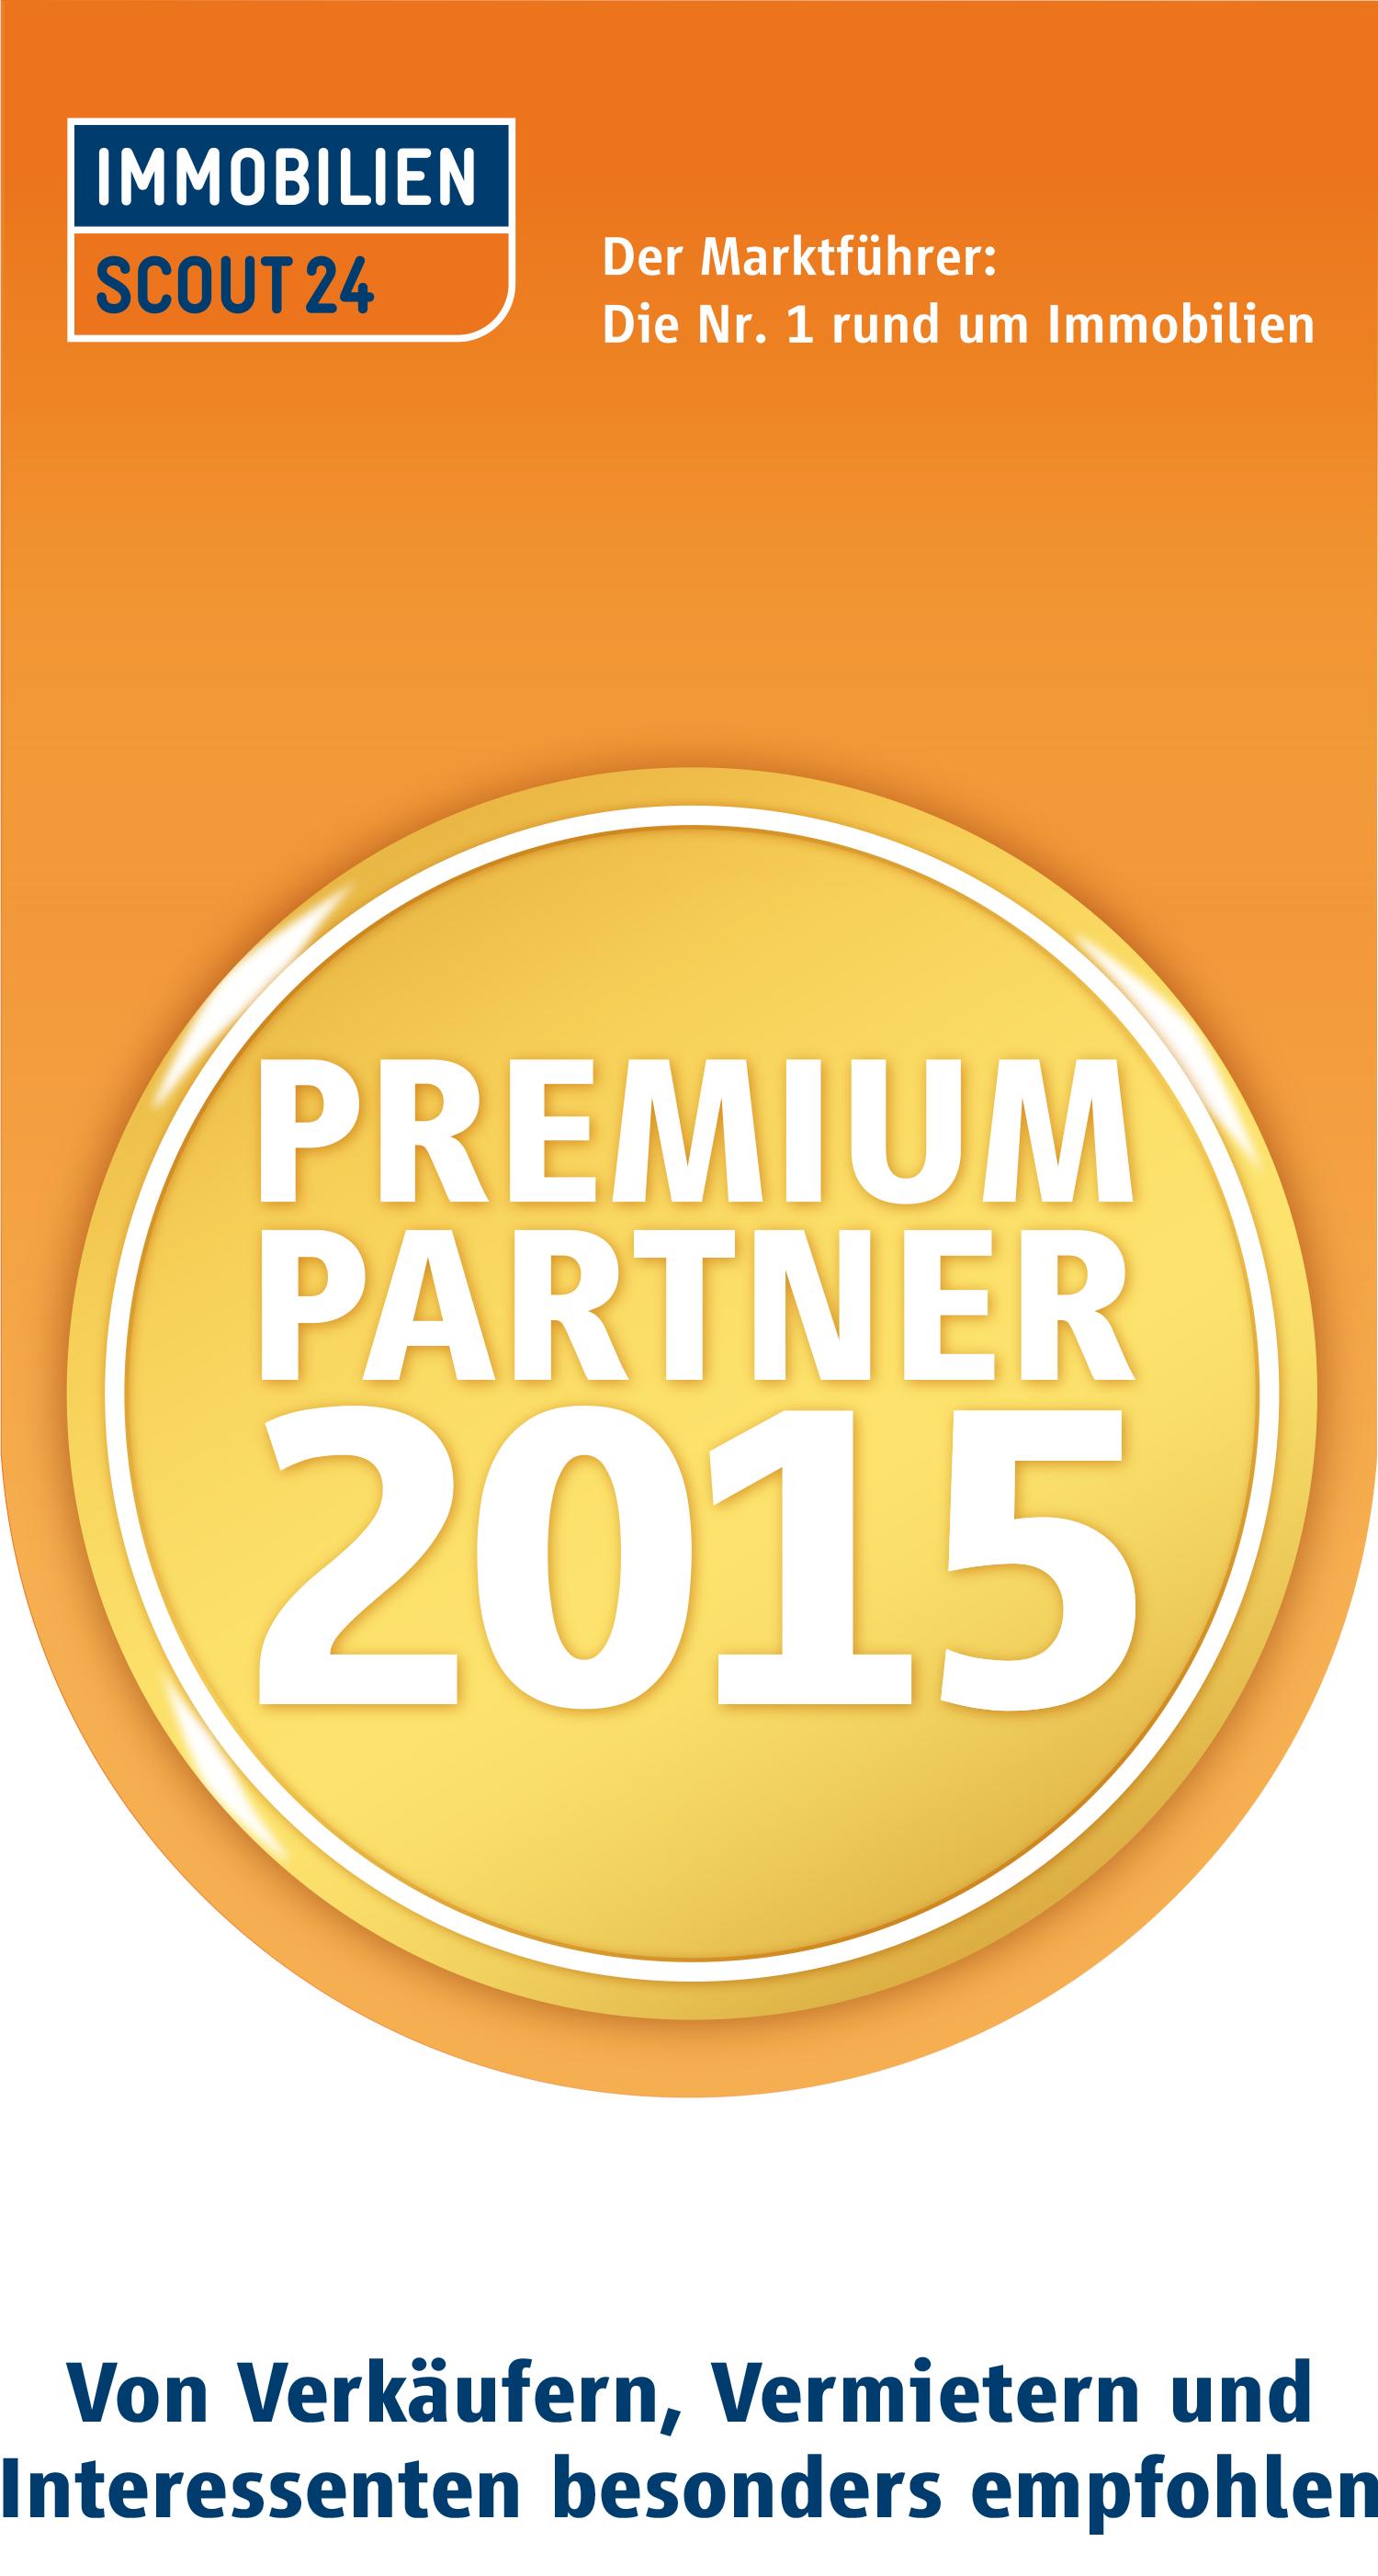 Immobilien Scout 24 Premium Partner 2015 Siegel